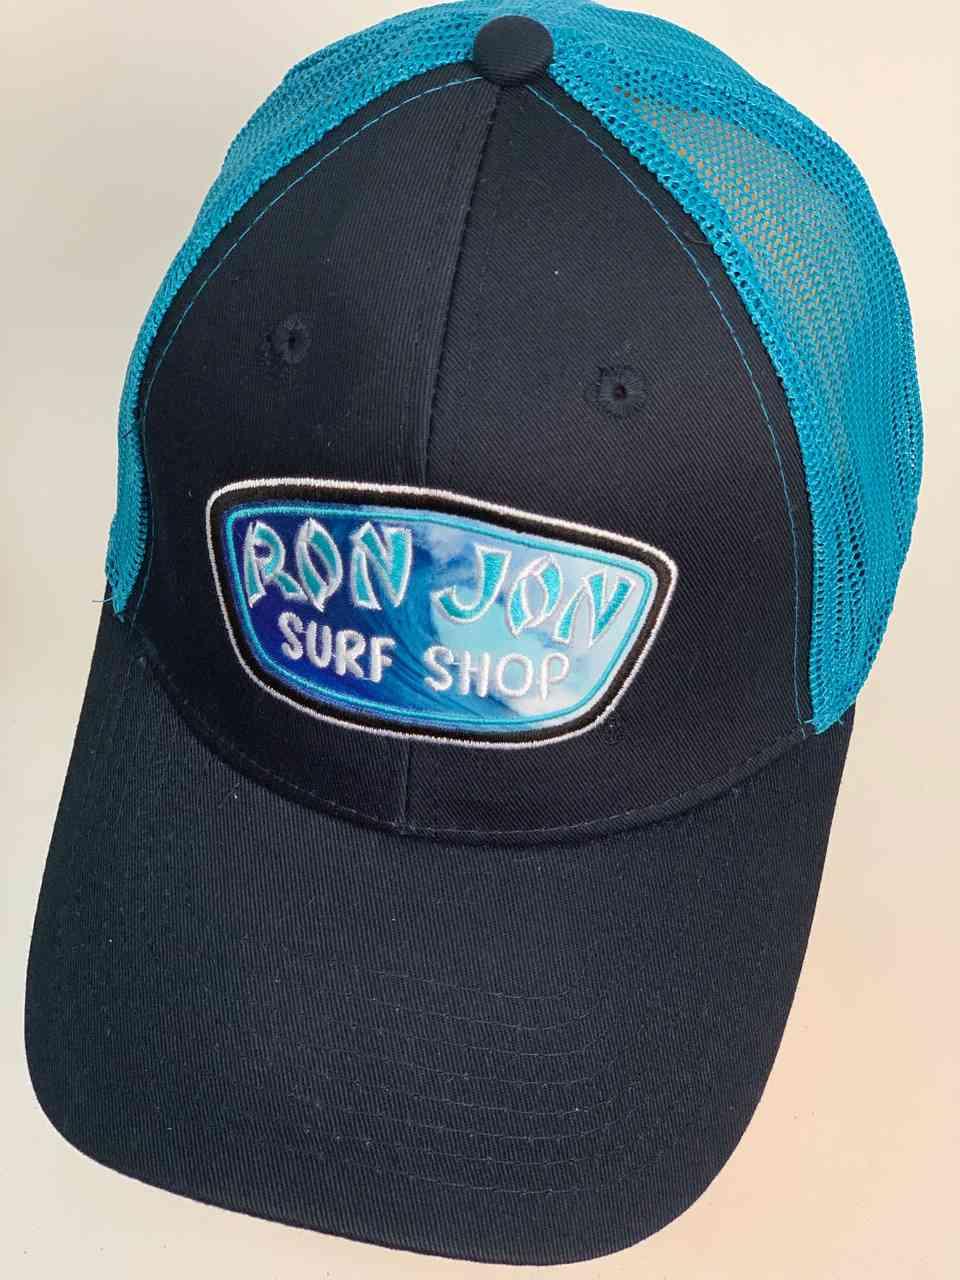 Чёрная кепка с синей сеткой RON JON